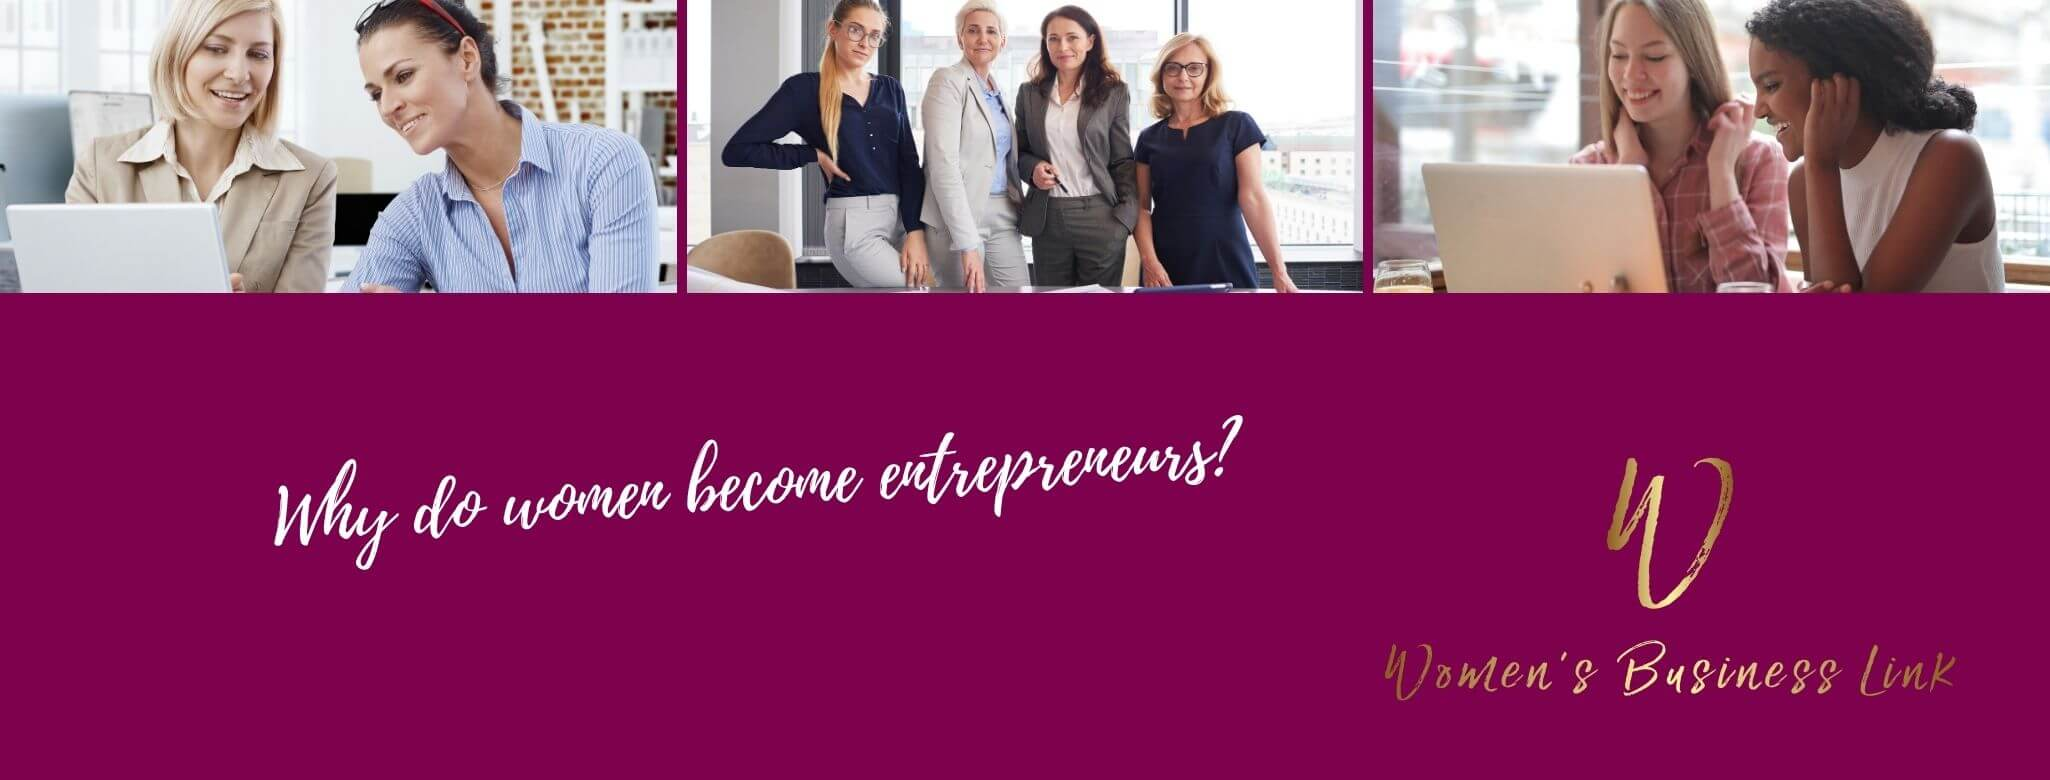 Why do women become entrepreneurs?